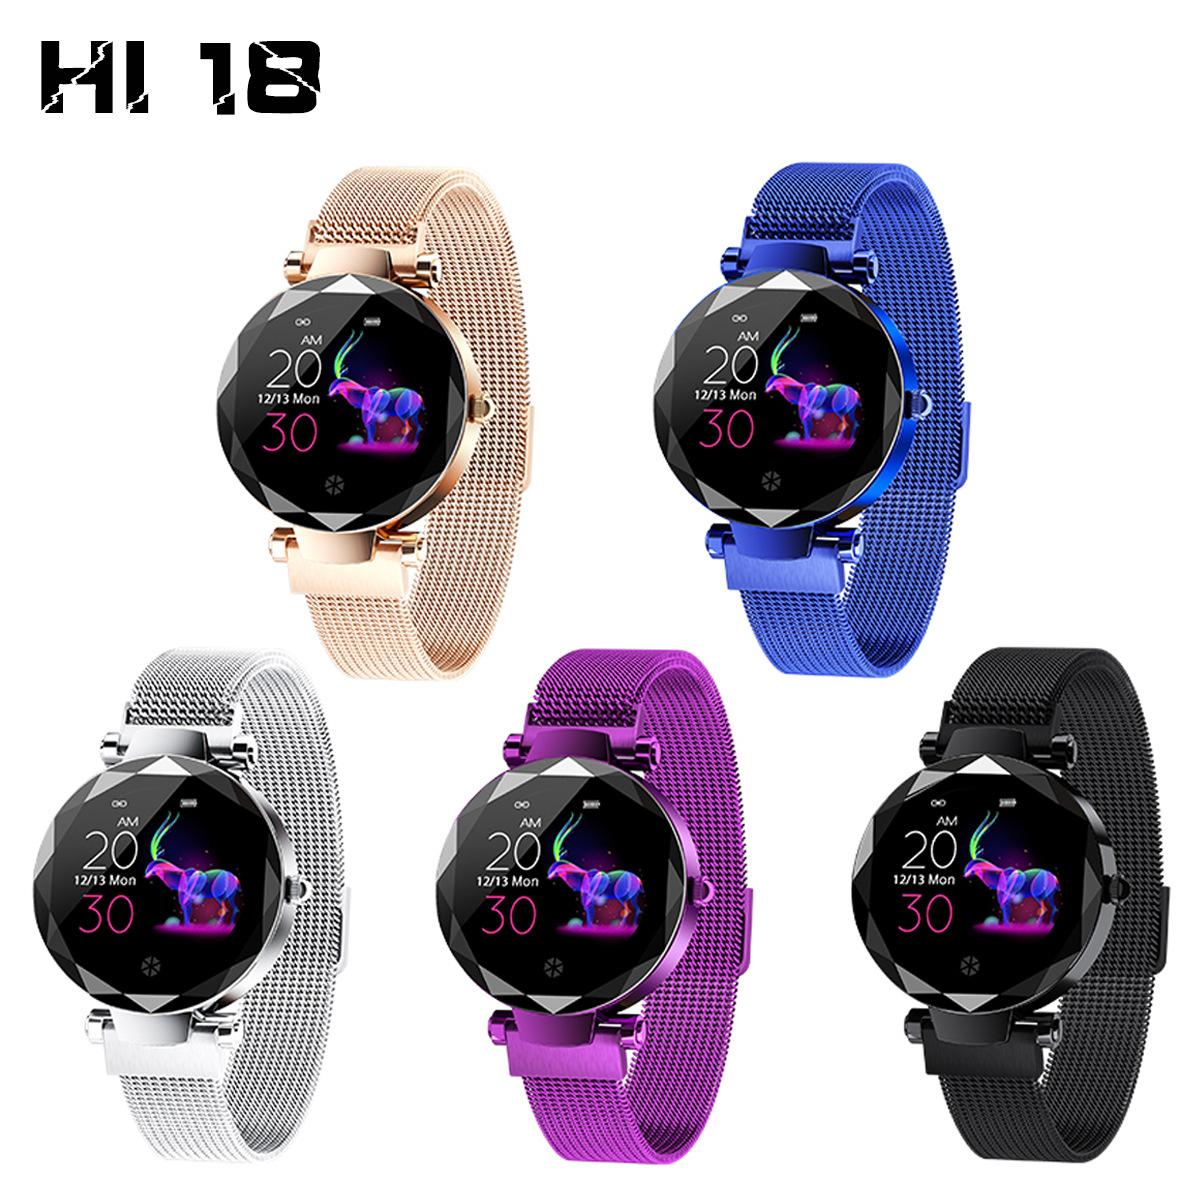 Đồng hồ thông minh Đồng hồ đeo tay nữ thông minh HI 18 Đồng hồ đeo tay Sinh lý nhịp tim Huyết áp Đa